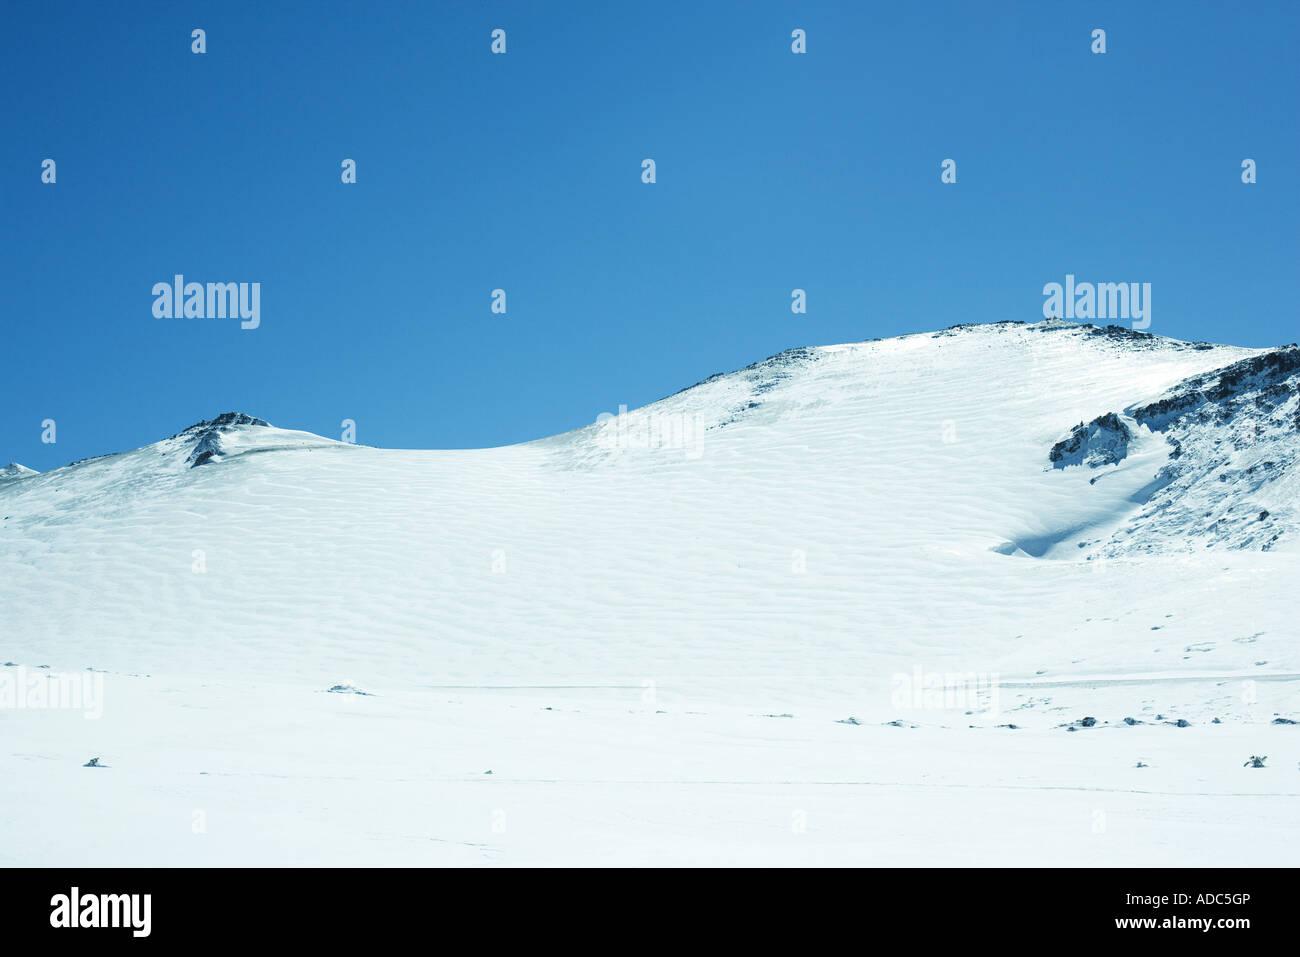 Paysage de montagne enneigée Photo Stock